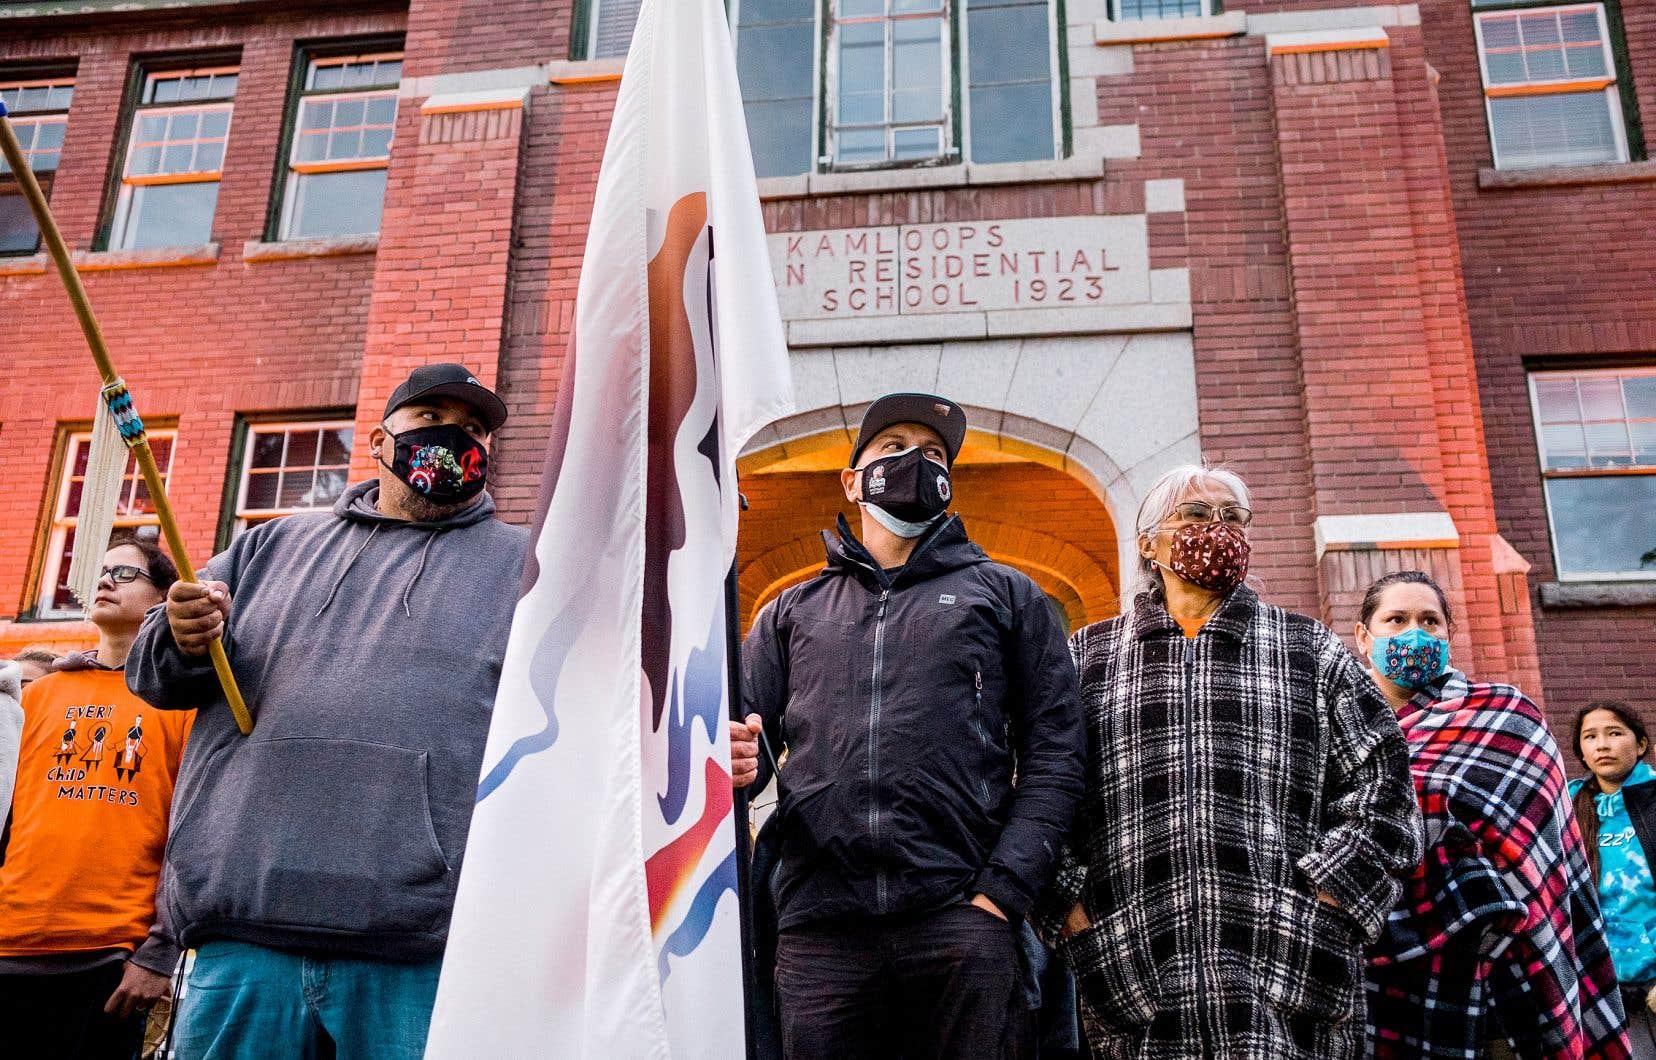 Devant l'ancien pensionnat de Kamloops, des membres de la communauté de Tk'emlúps te Secwepemc ont accueilli un groupe de personnes qui ont couru en l'honneur des 215 enfants décédés.